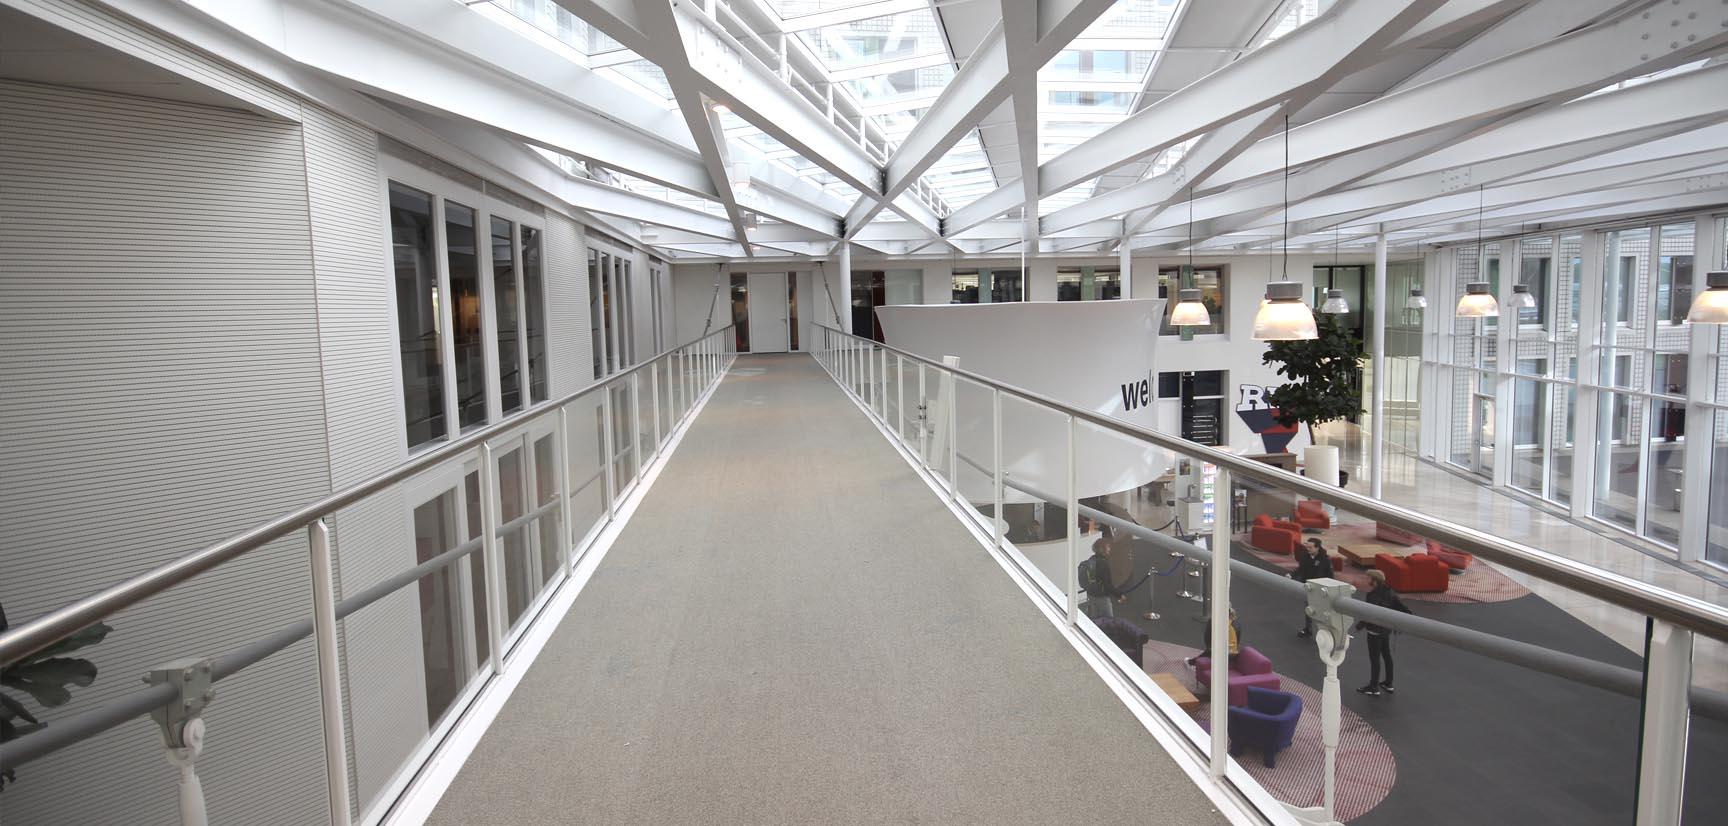 Endemol-renovatie-werkruimtw